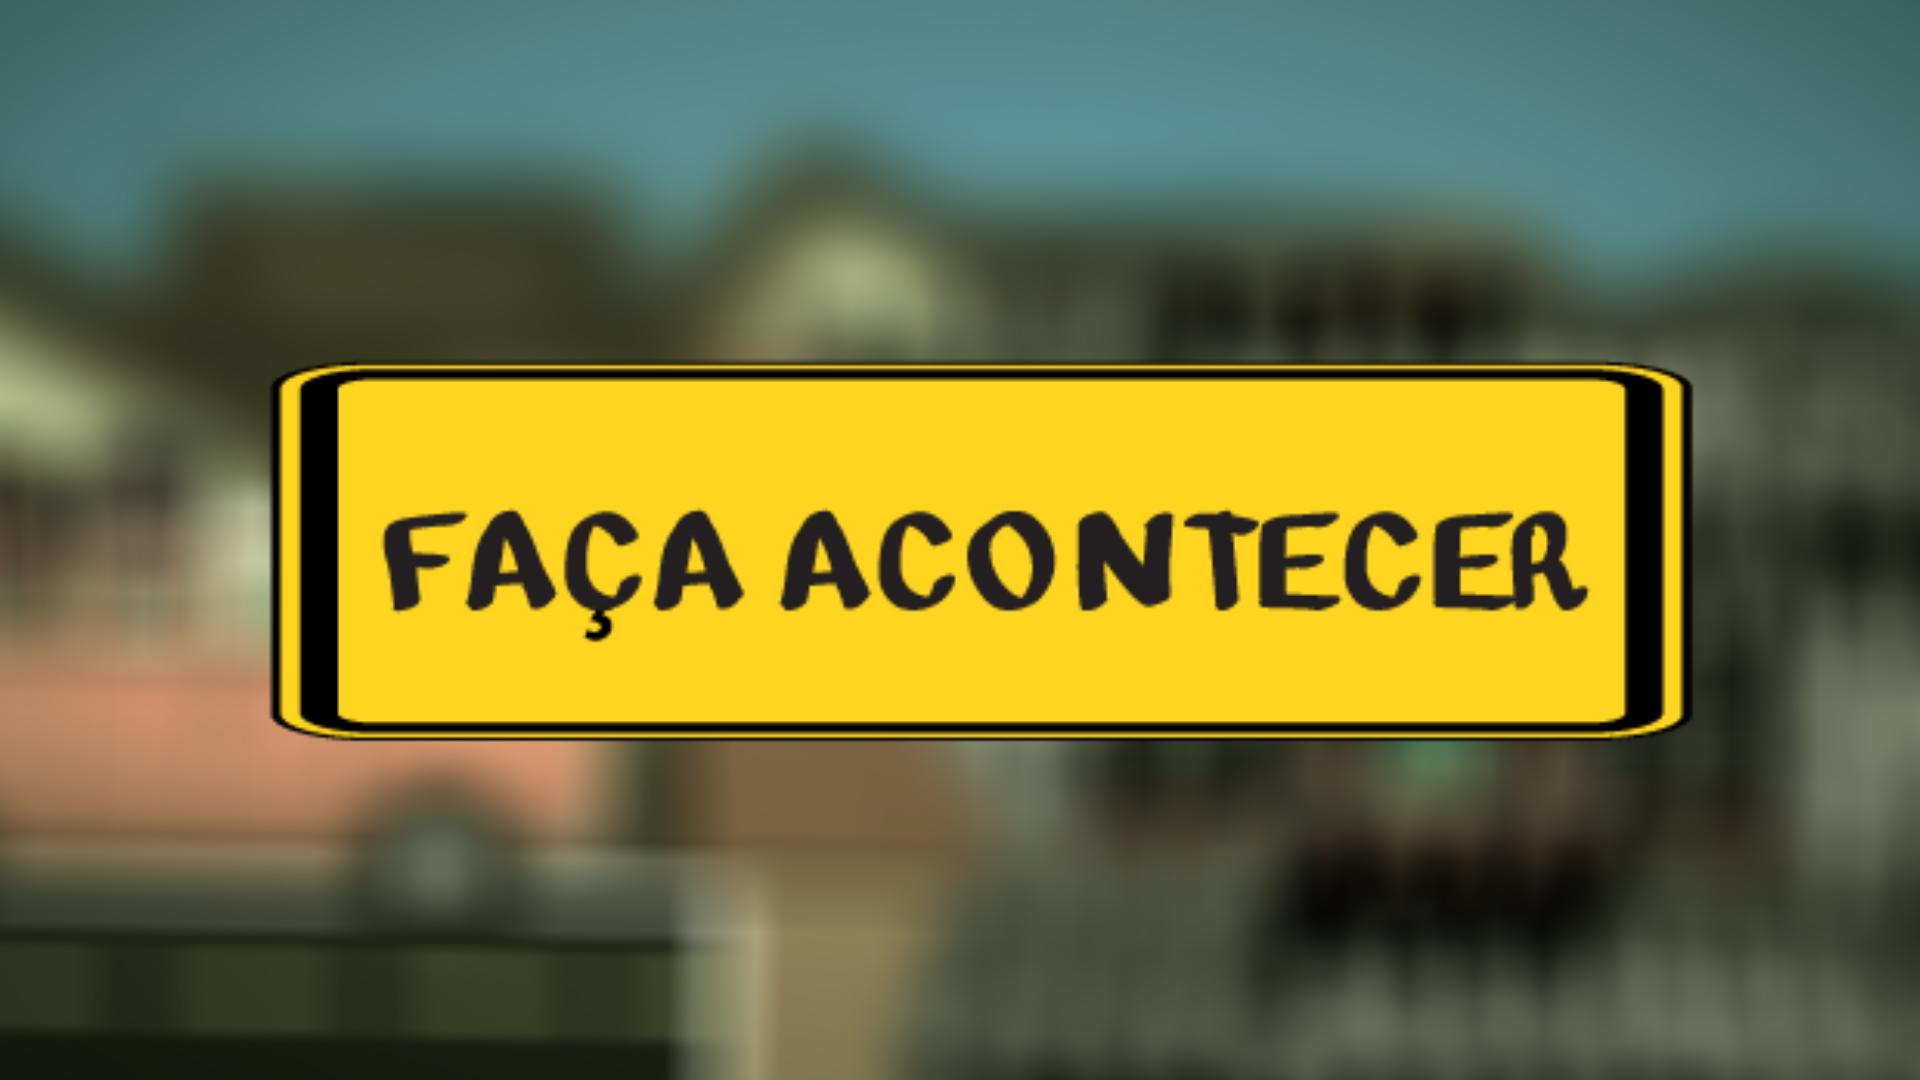 faca_acontecer_placa